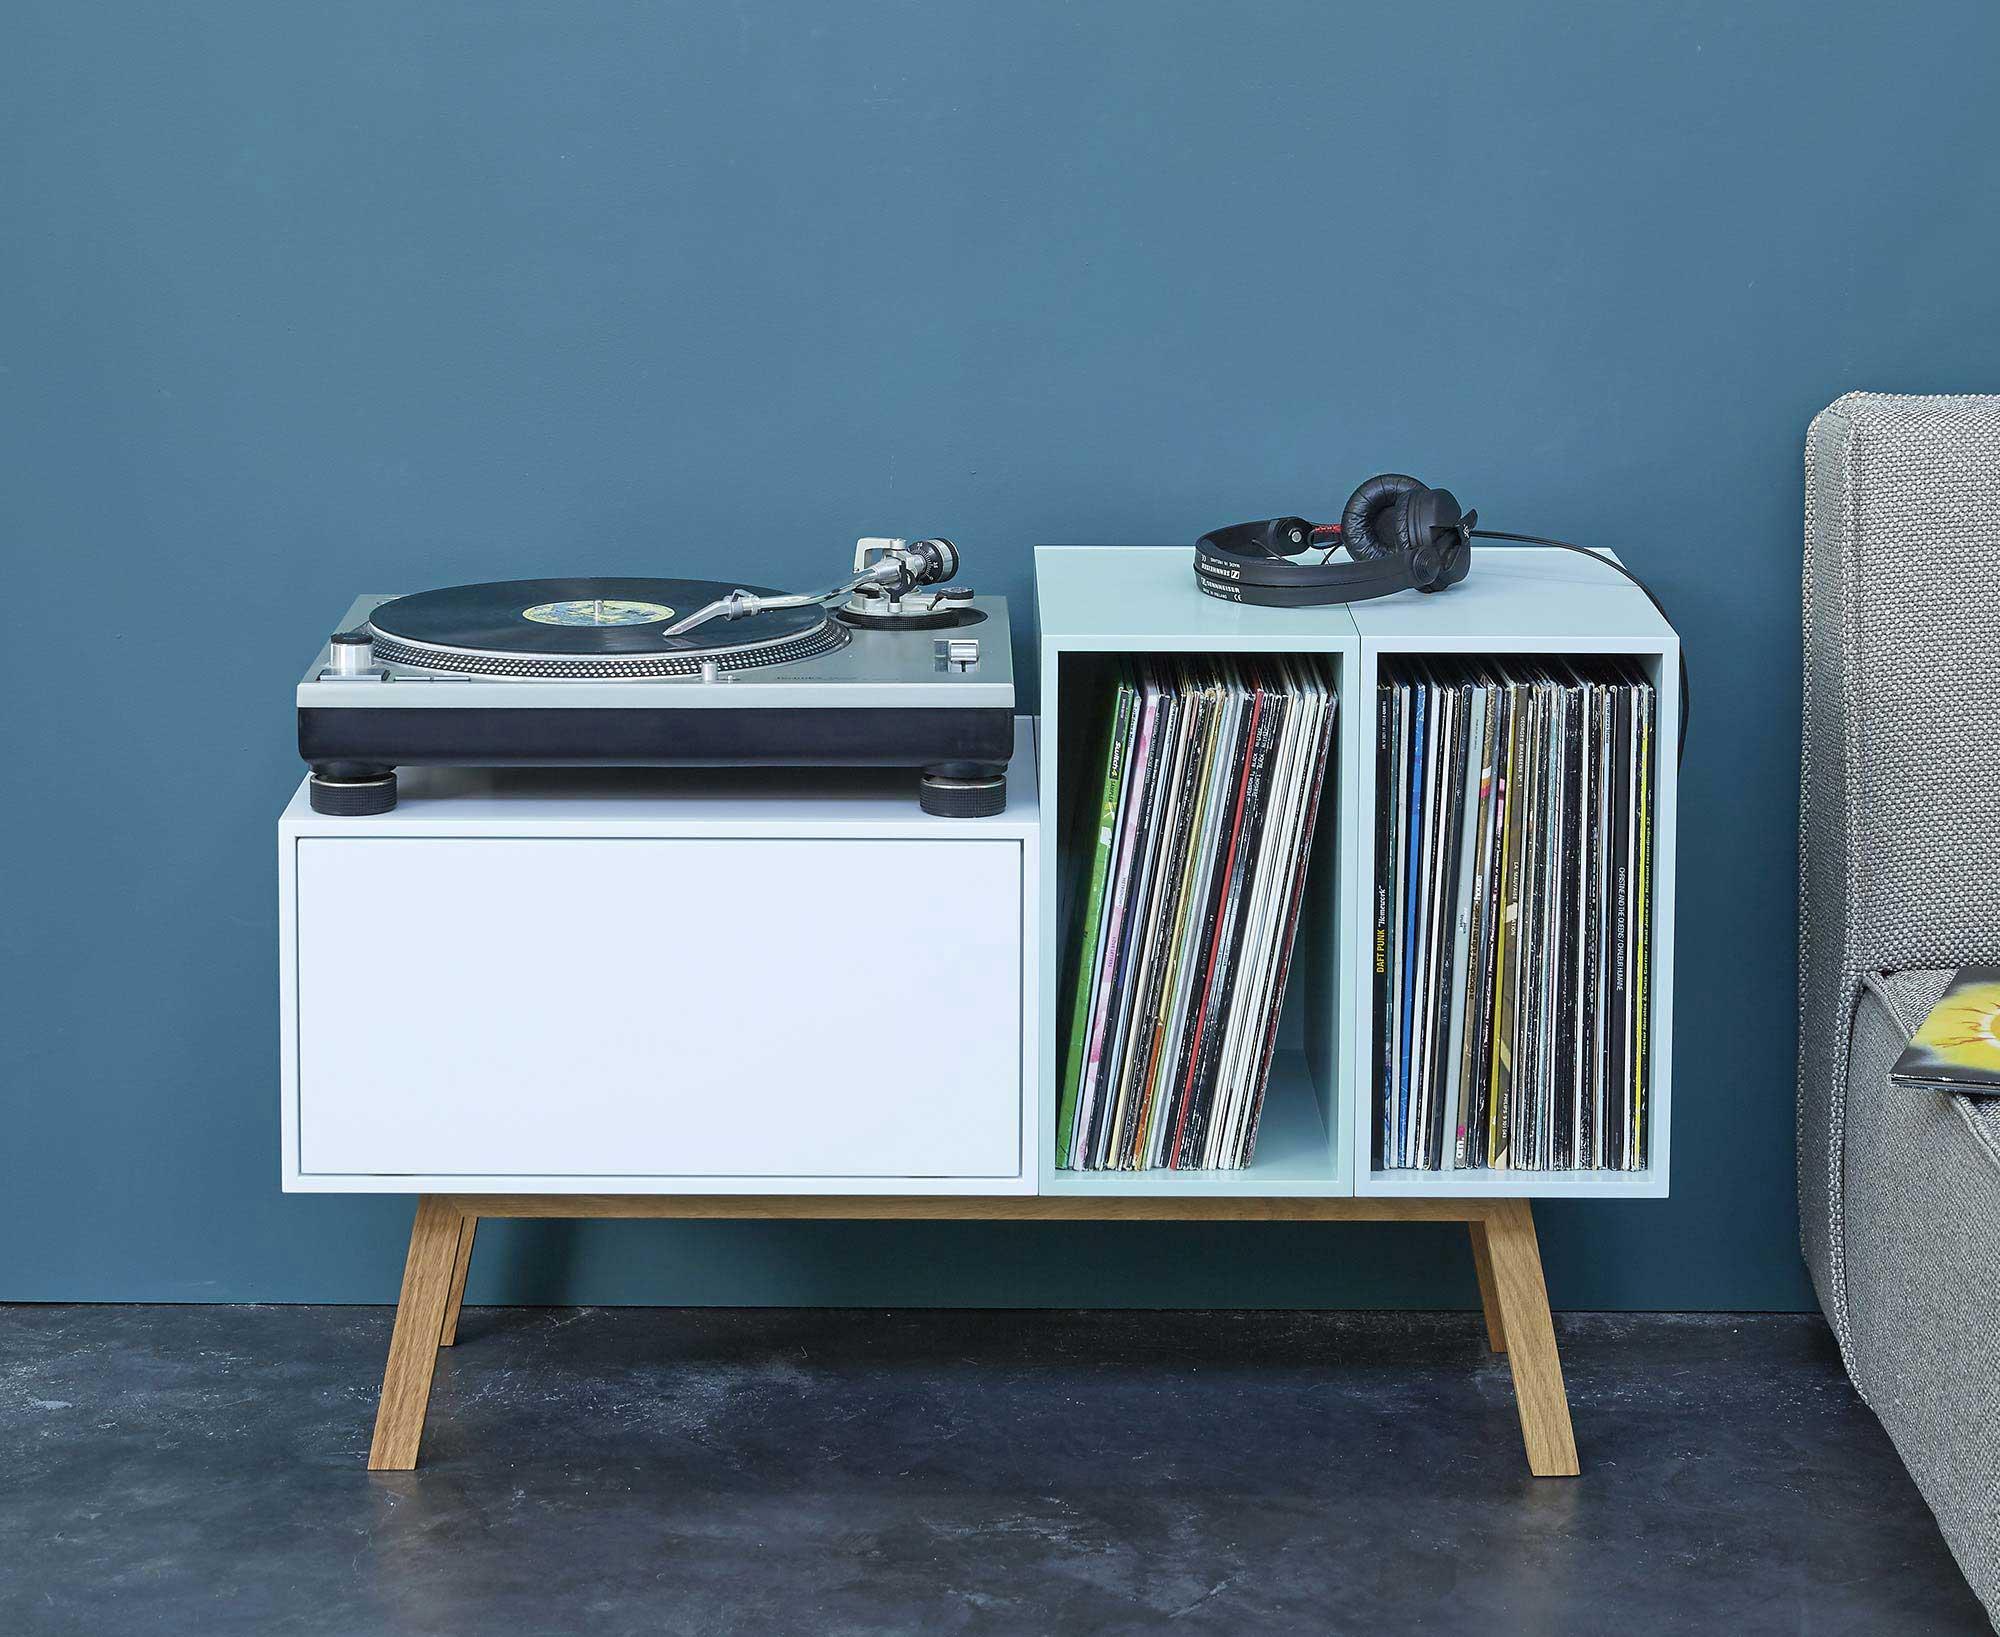 petit buffet pour ranger platine et disques vinyle. Black Bedroom Furniture Sets. Home Design Ideas